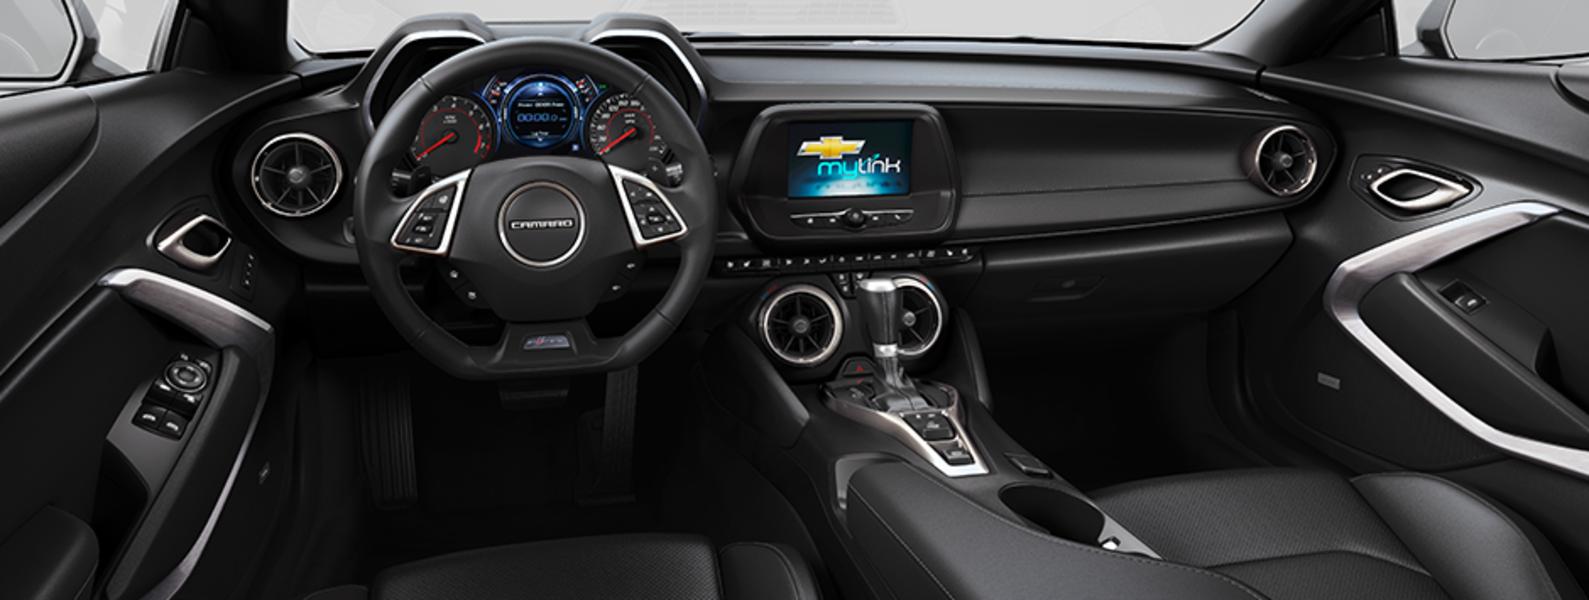 Chevrolet Camaro Cabrio Turbo aut. Cabriolet Touring (5)